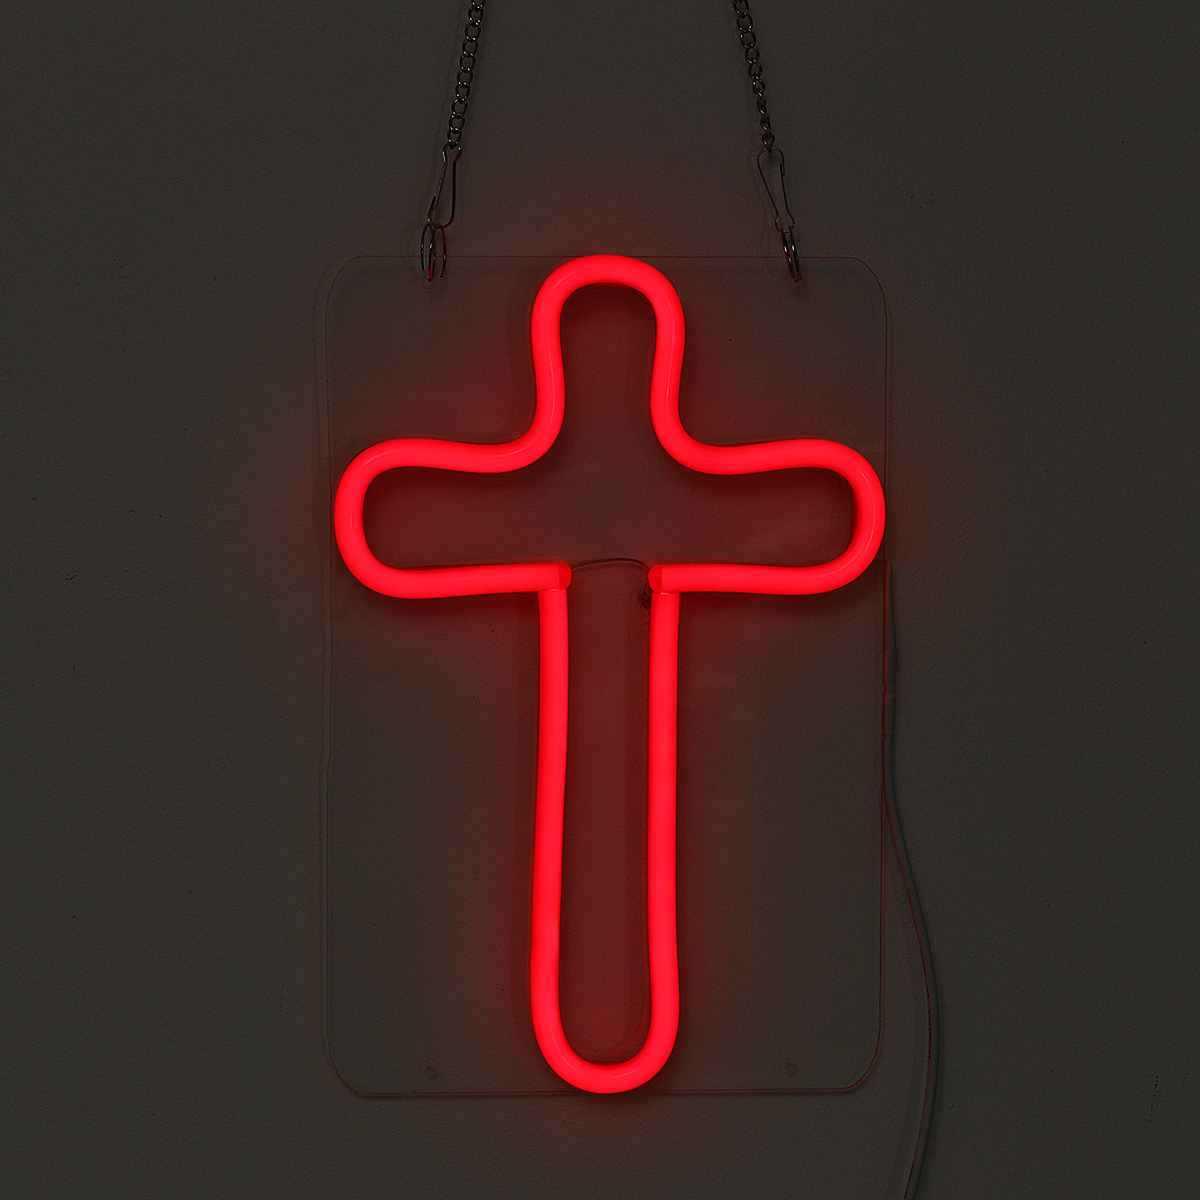 ネオン Led ライトチューブ手作り視覚アートワークバークラブ Ktv 壁の装飾商業照明ネオン電球ボード 30 × 20 センチメートル赤